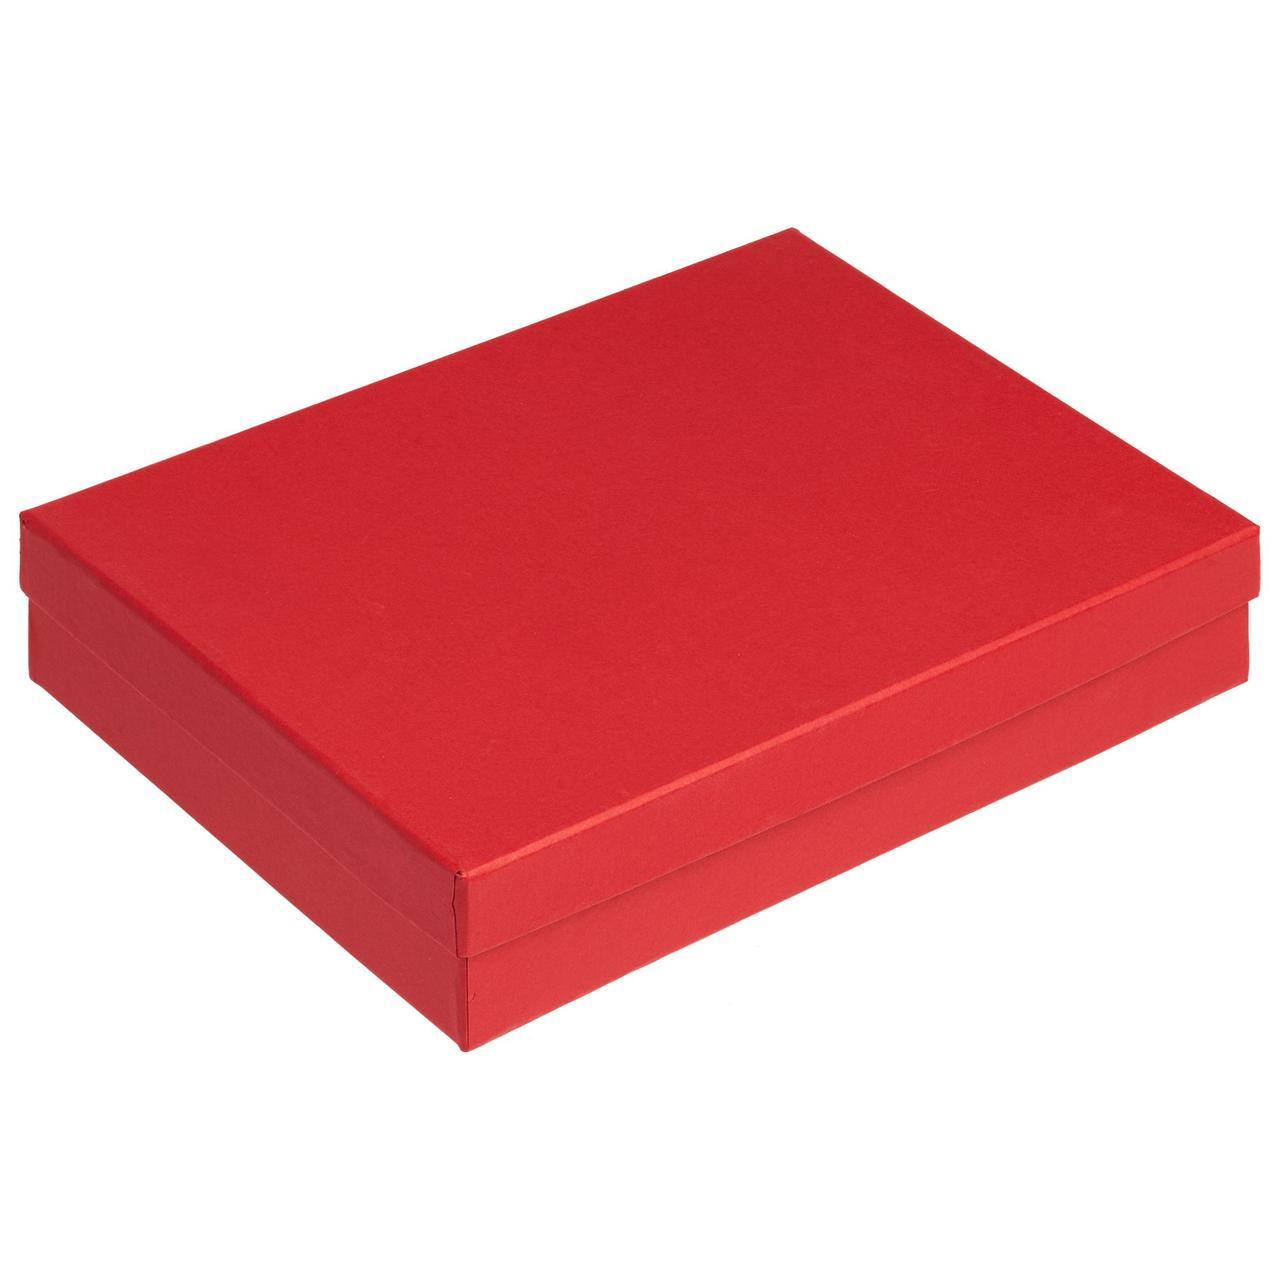 Коробка Reason, красная (артикул 7067.50)